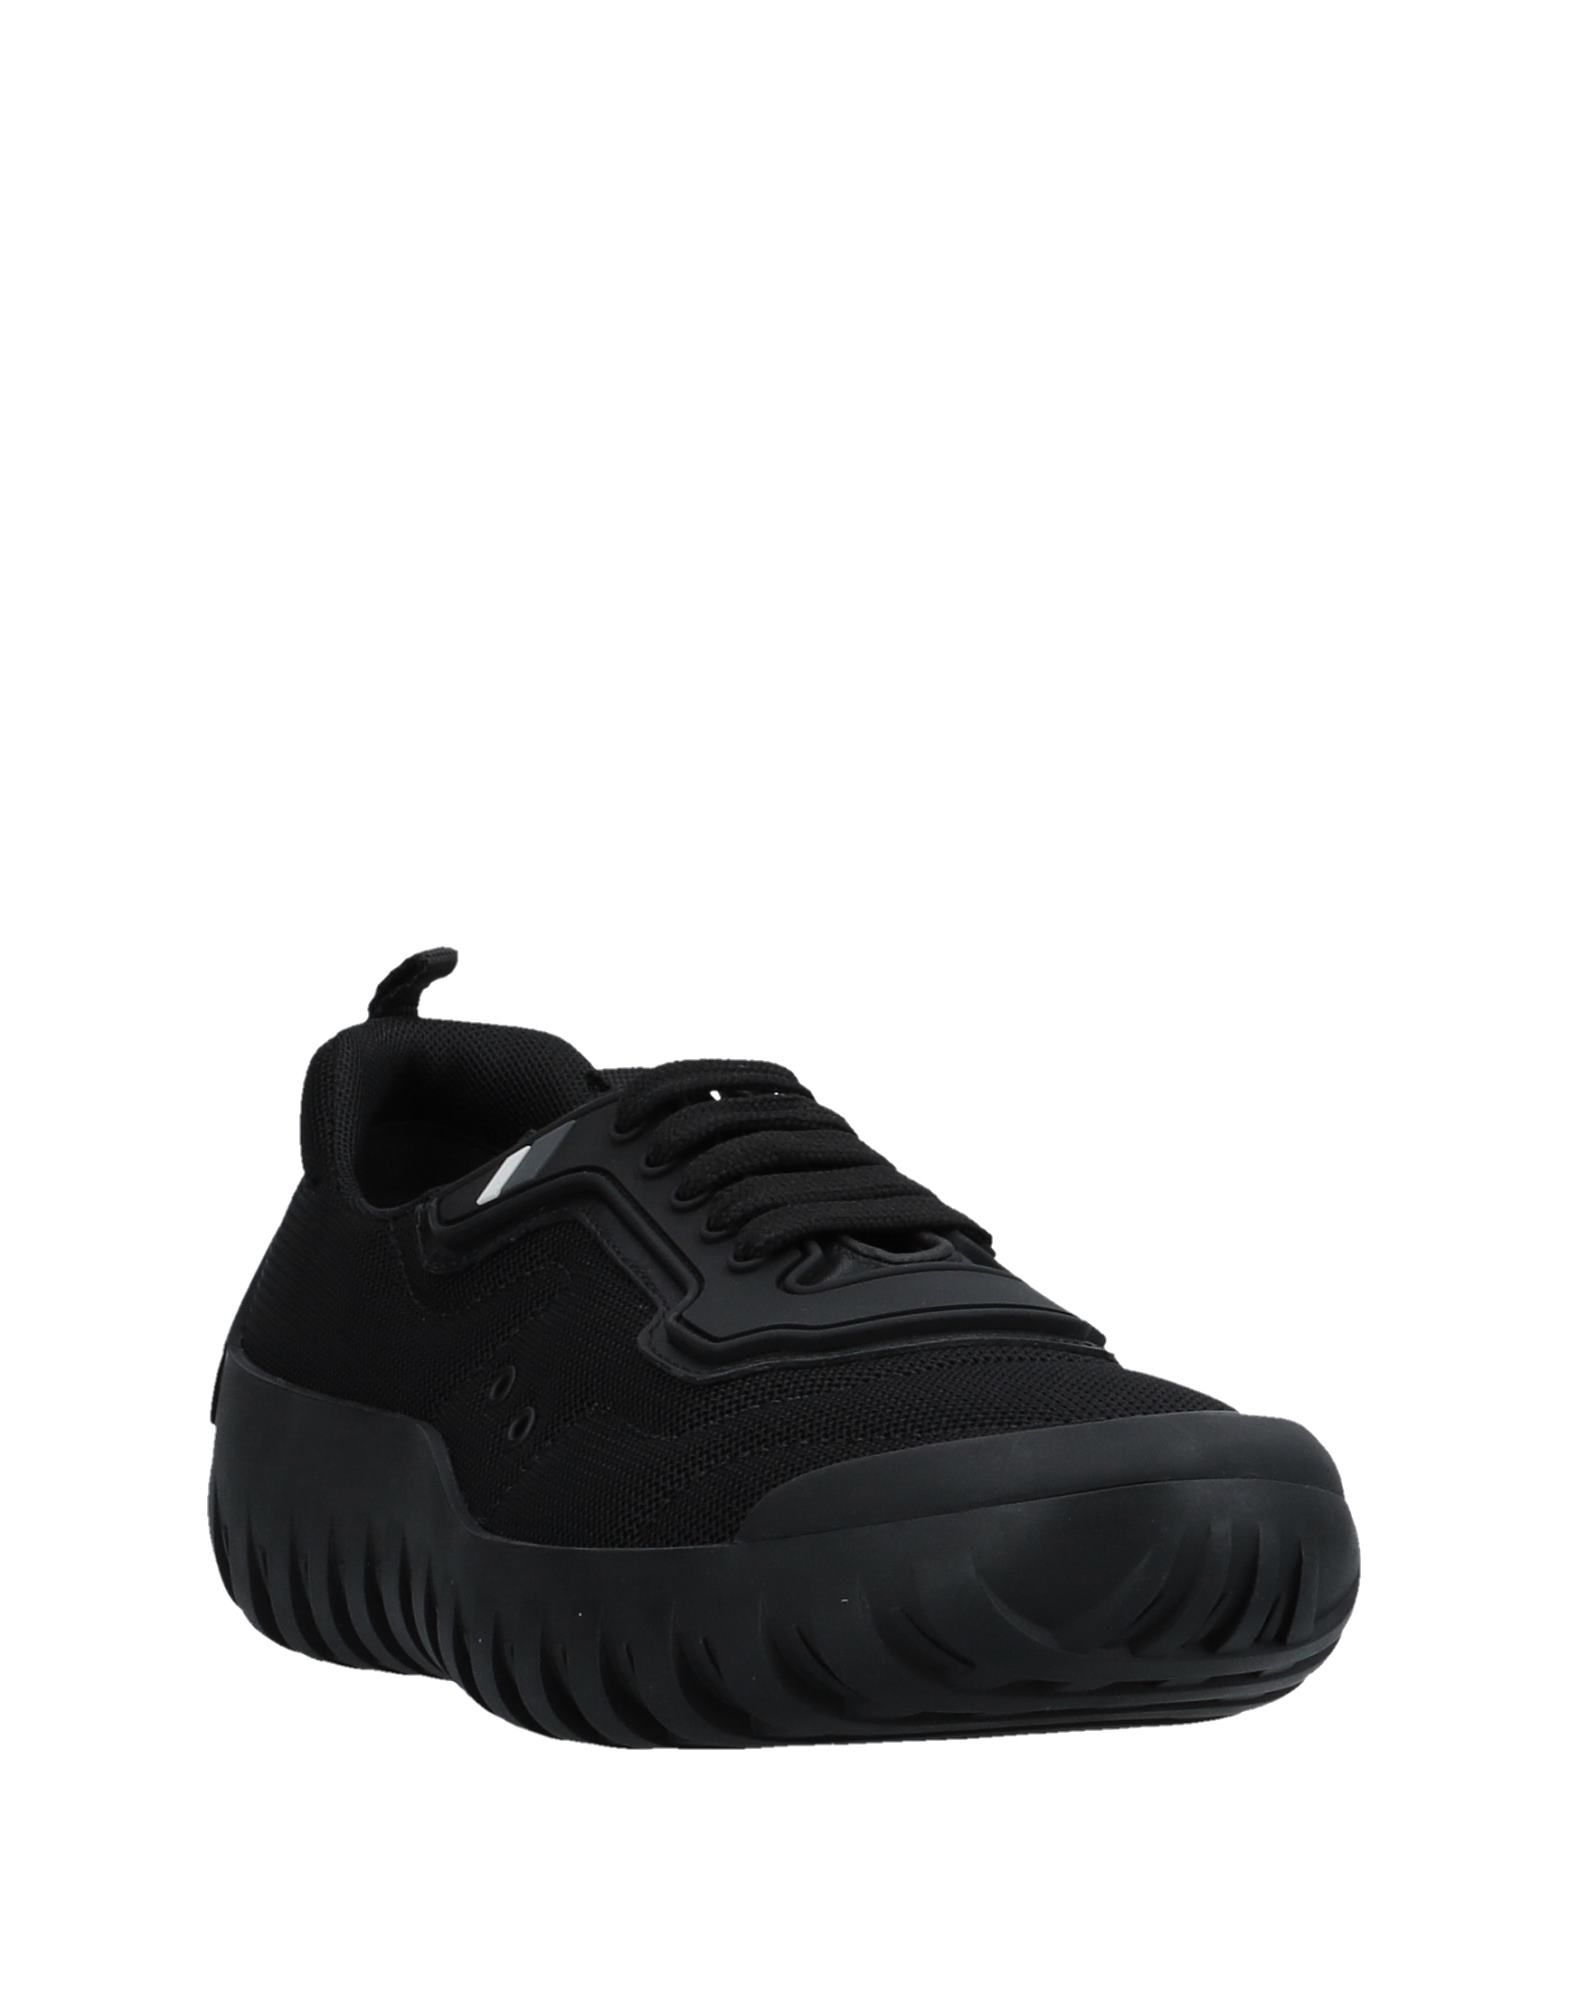 Prada Sport Gute Sneakers Herren  11508237LG Gute Sport Qualität beliebte Schuhe 9d627b